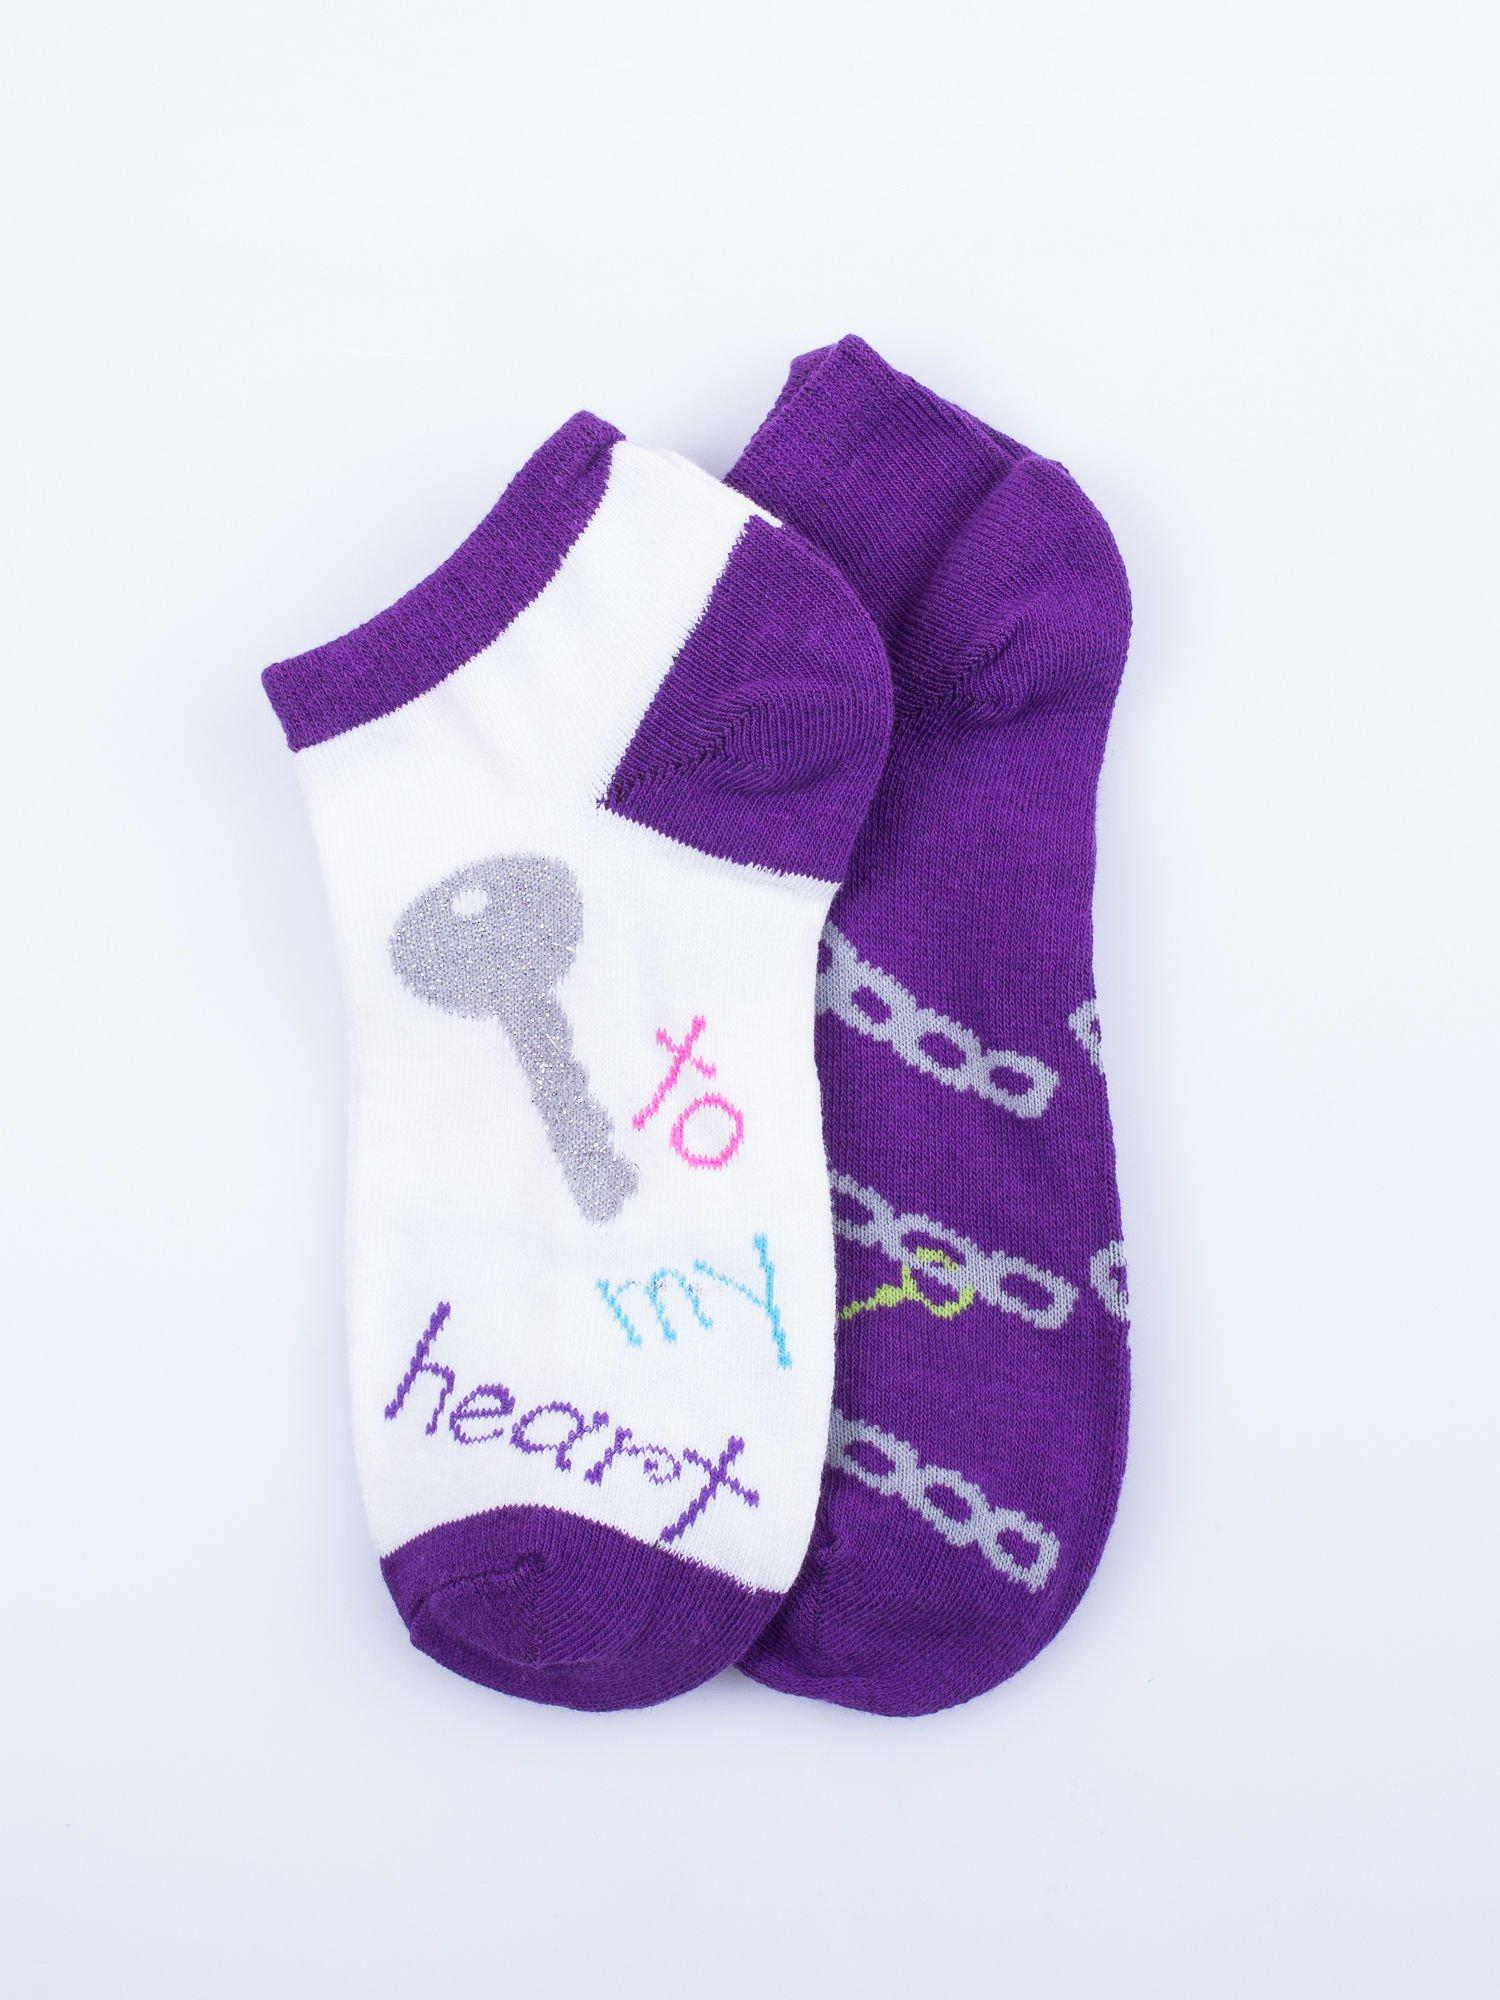 Skarpetki damskie stopki fiolet-biały dziewczęce zestaw 2 pary                                  zdj.                                  1